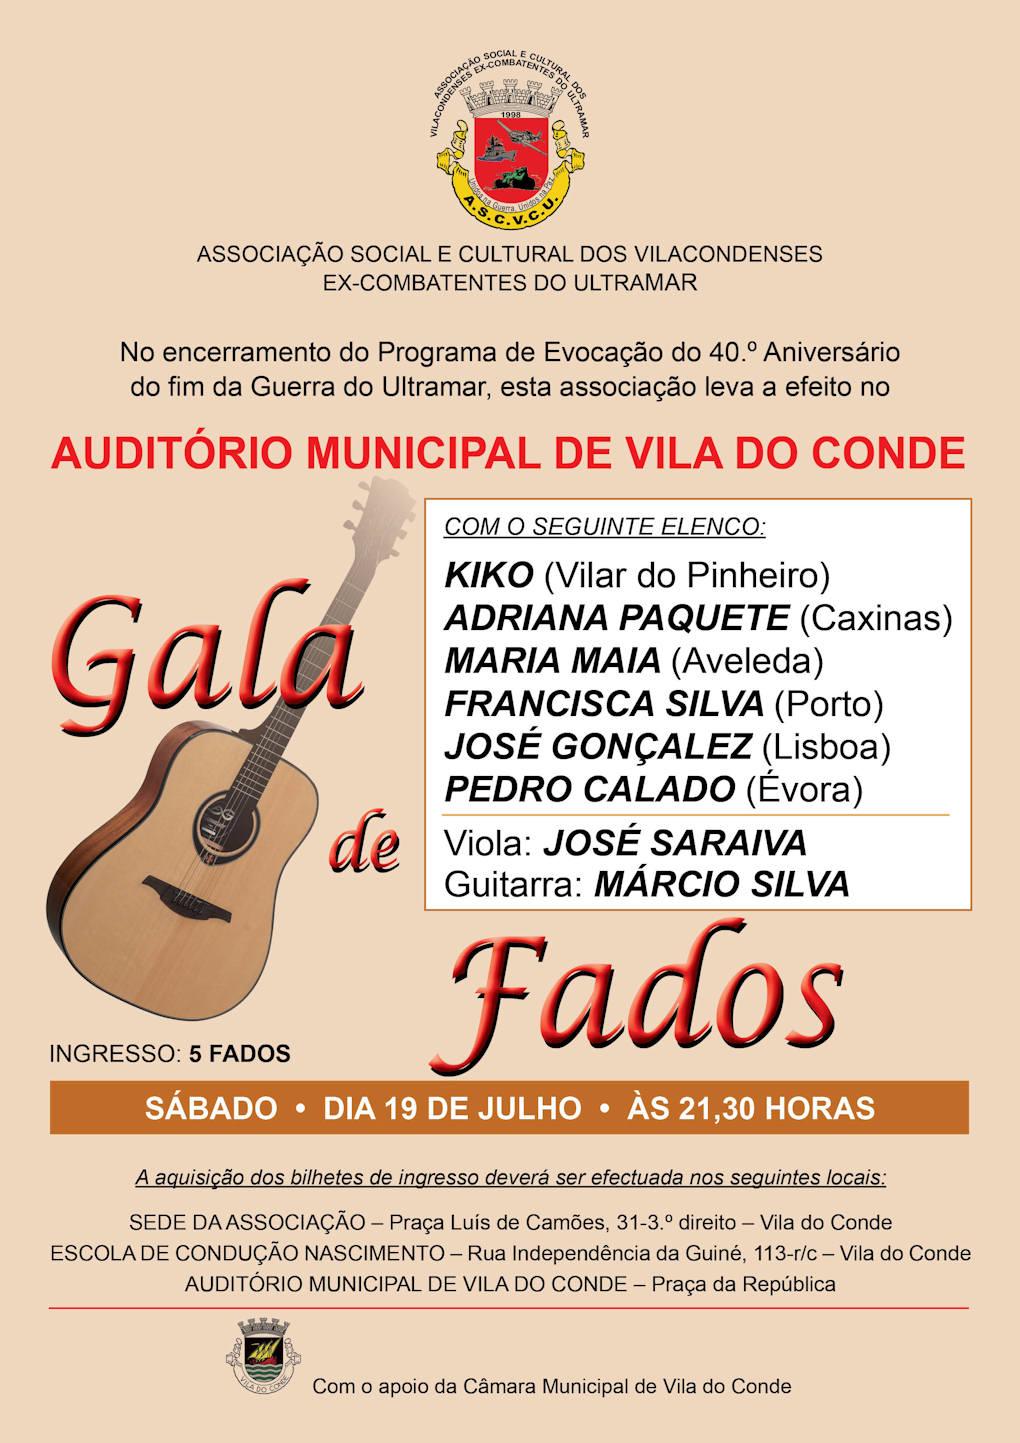 Vila do Conde - Gala de Fados - 19Jul2014 - 21H30 - Auditório Municipal Fados10